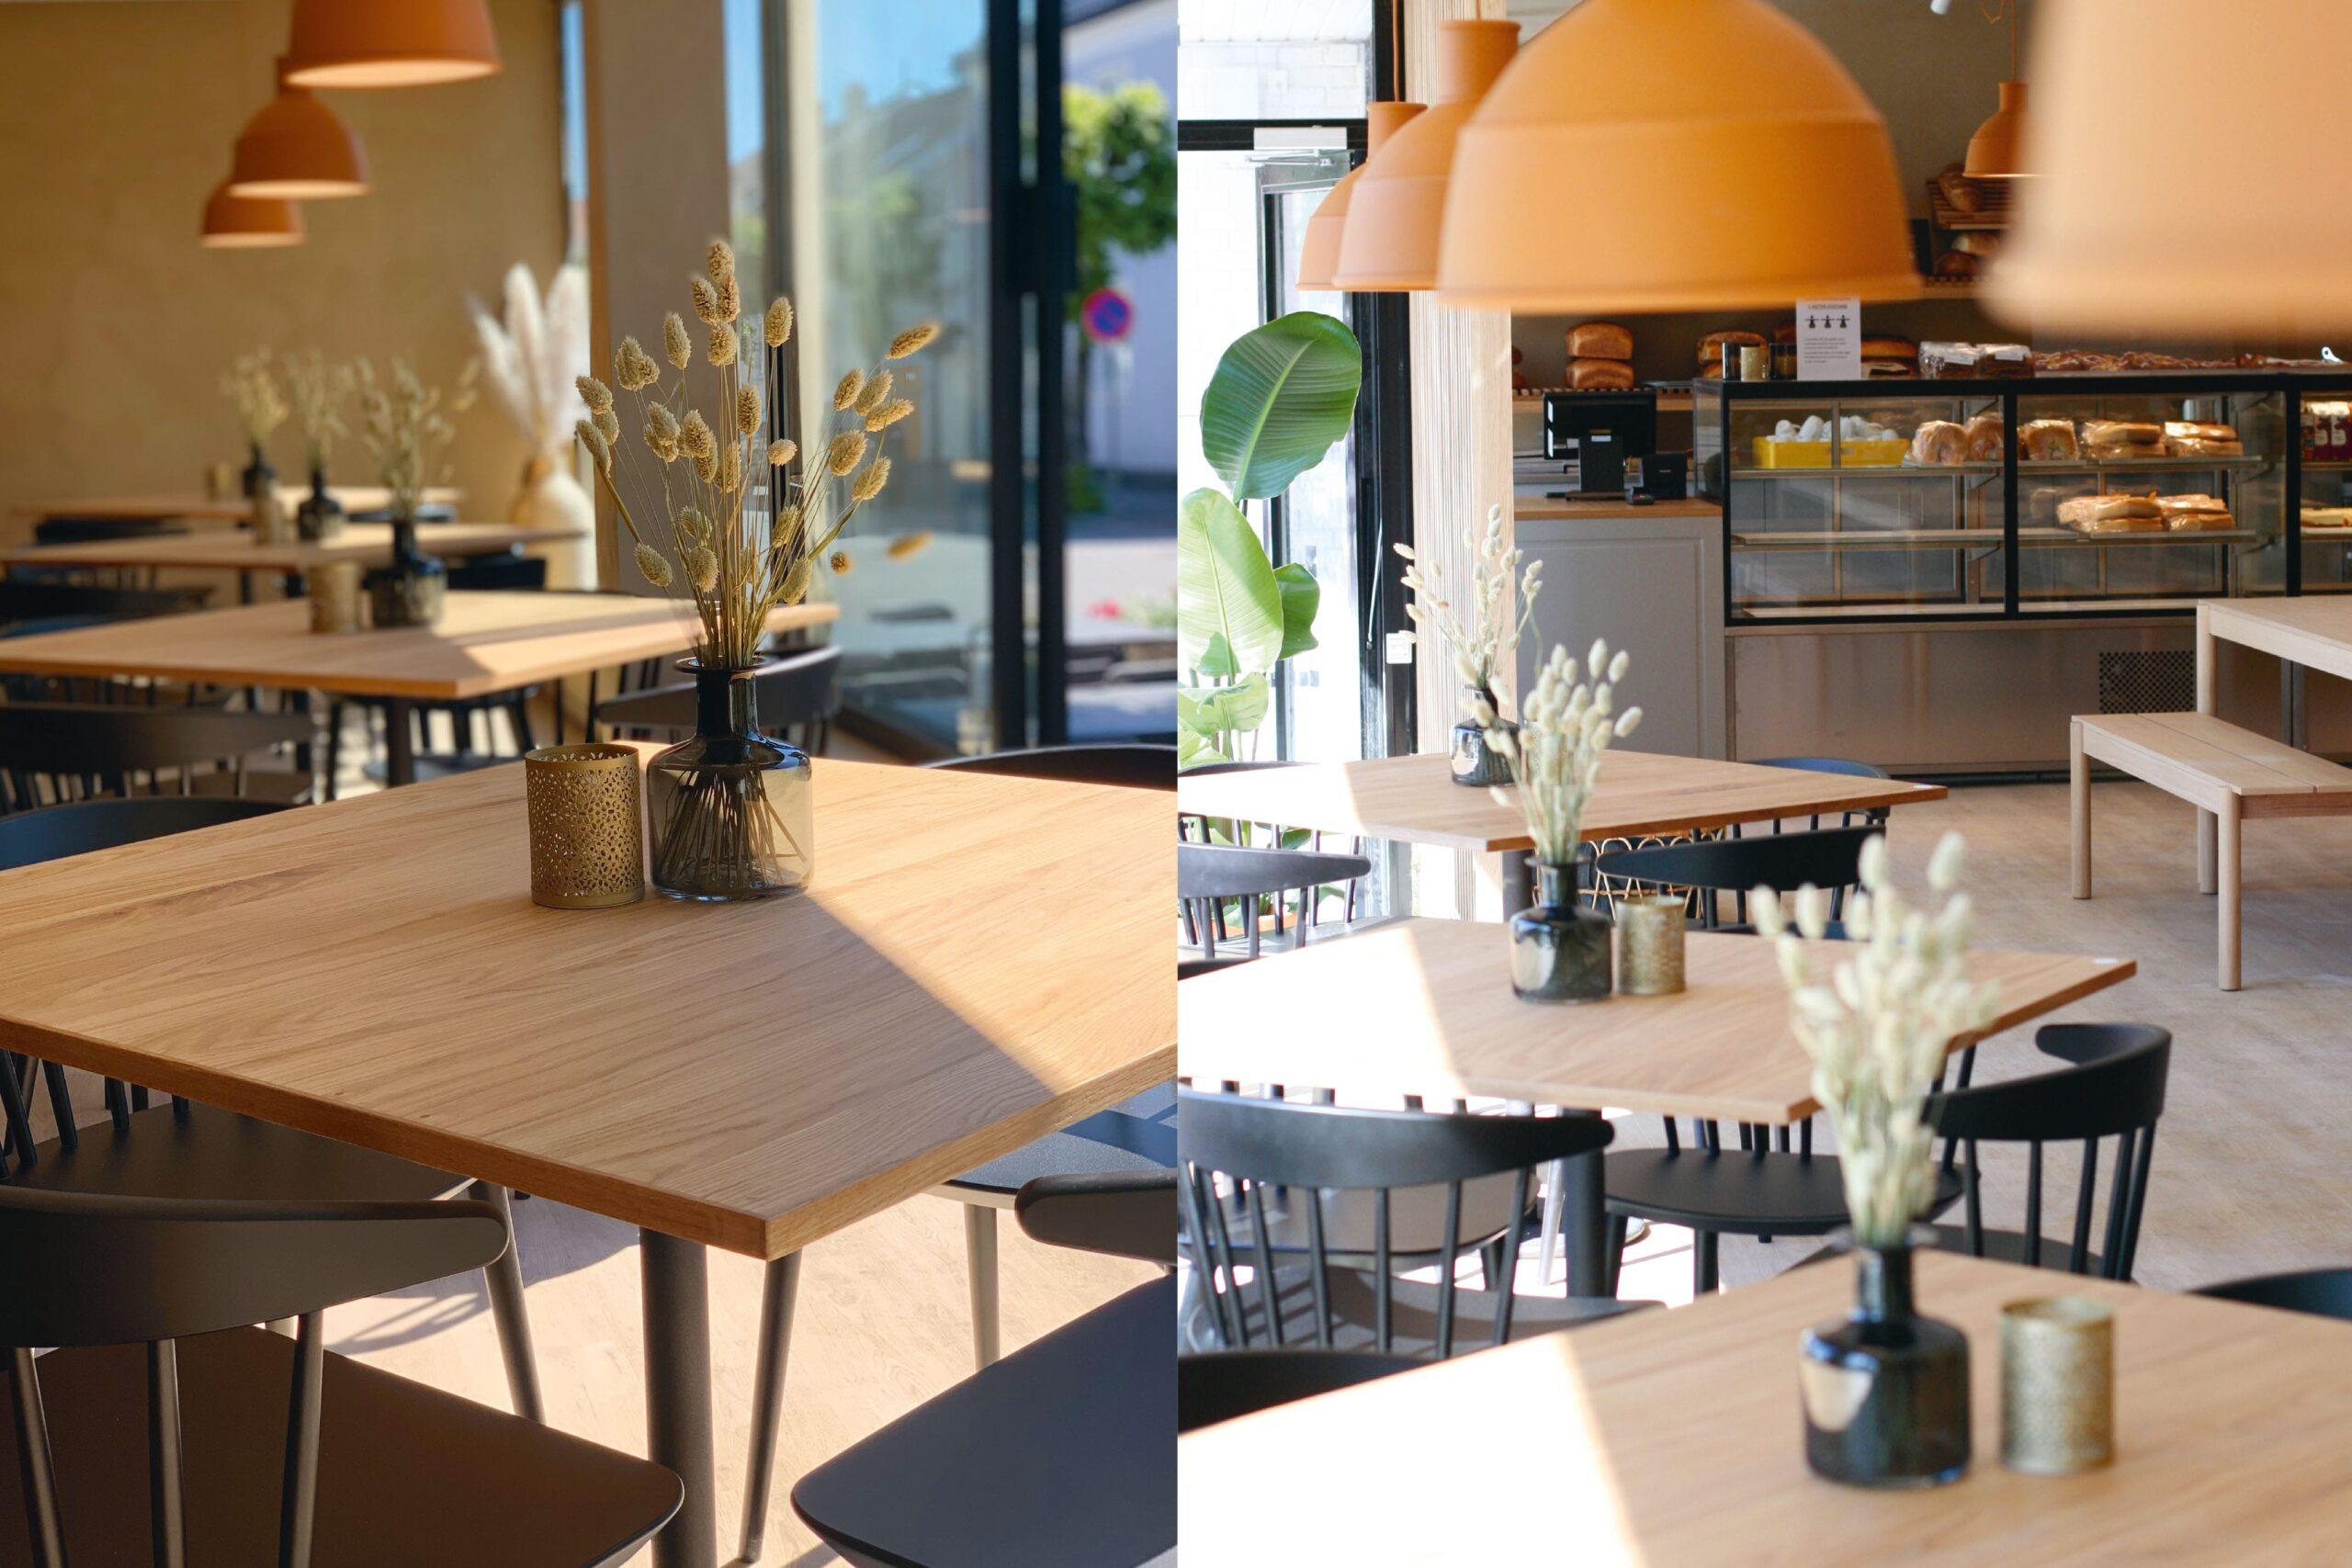 Vindussonen i caféen i sollys. Eikebord, sorte stoler og leirefargede lamper.